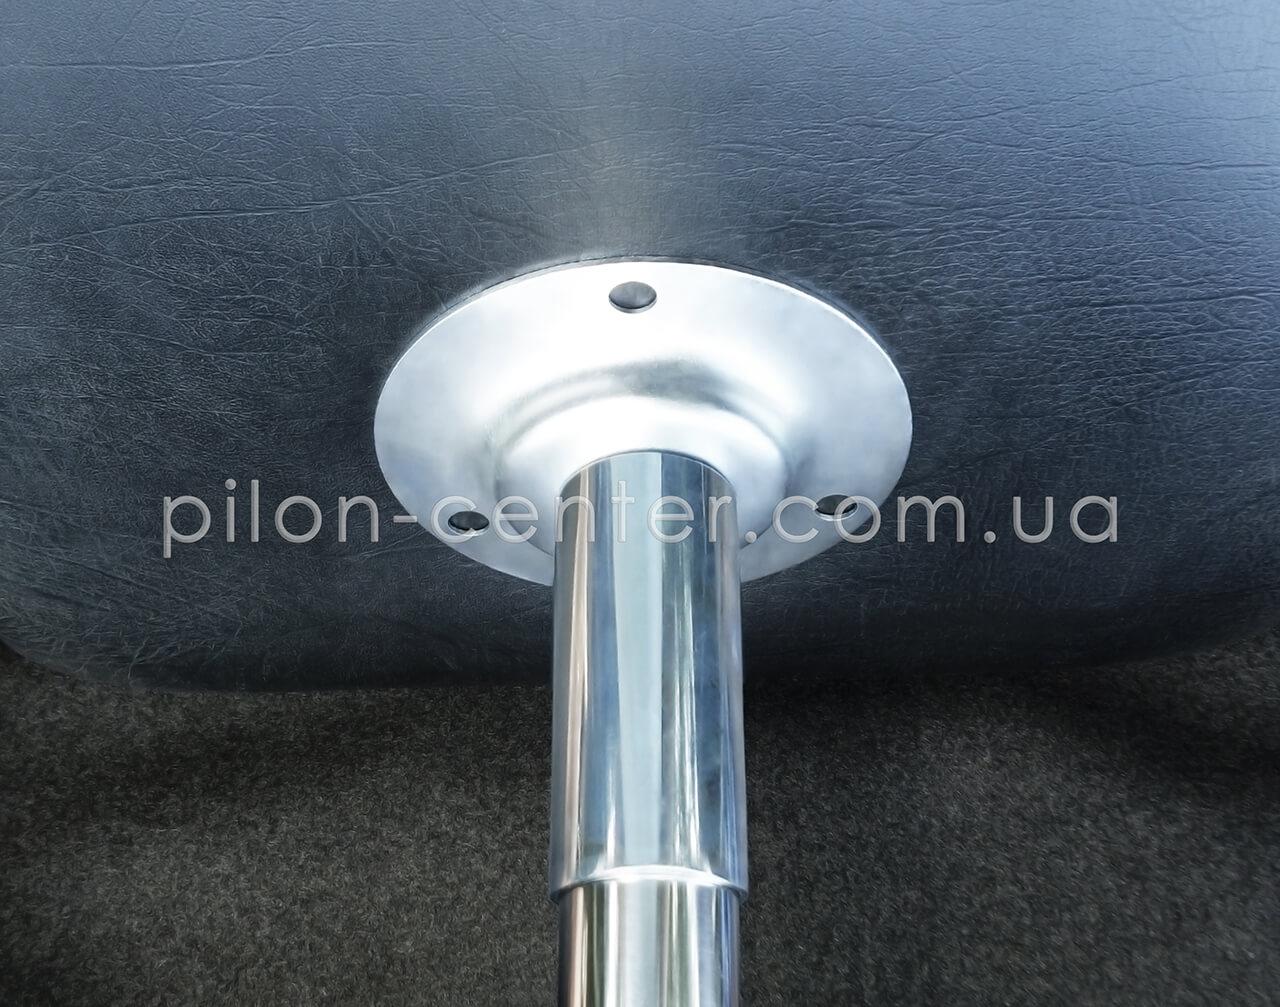 Гильза для пилона - декоративная 2 | pilon-center.com.ua